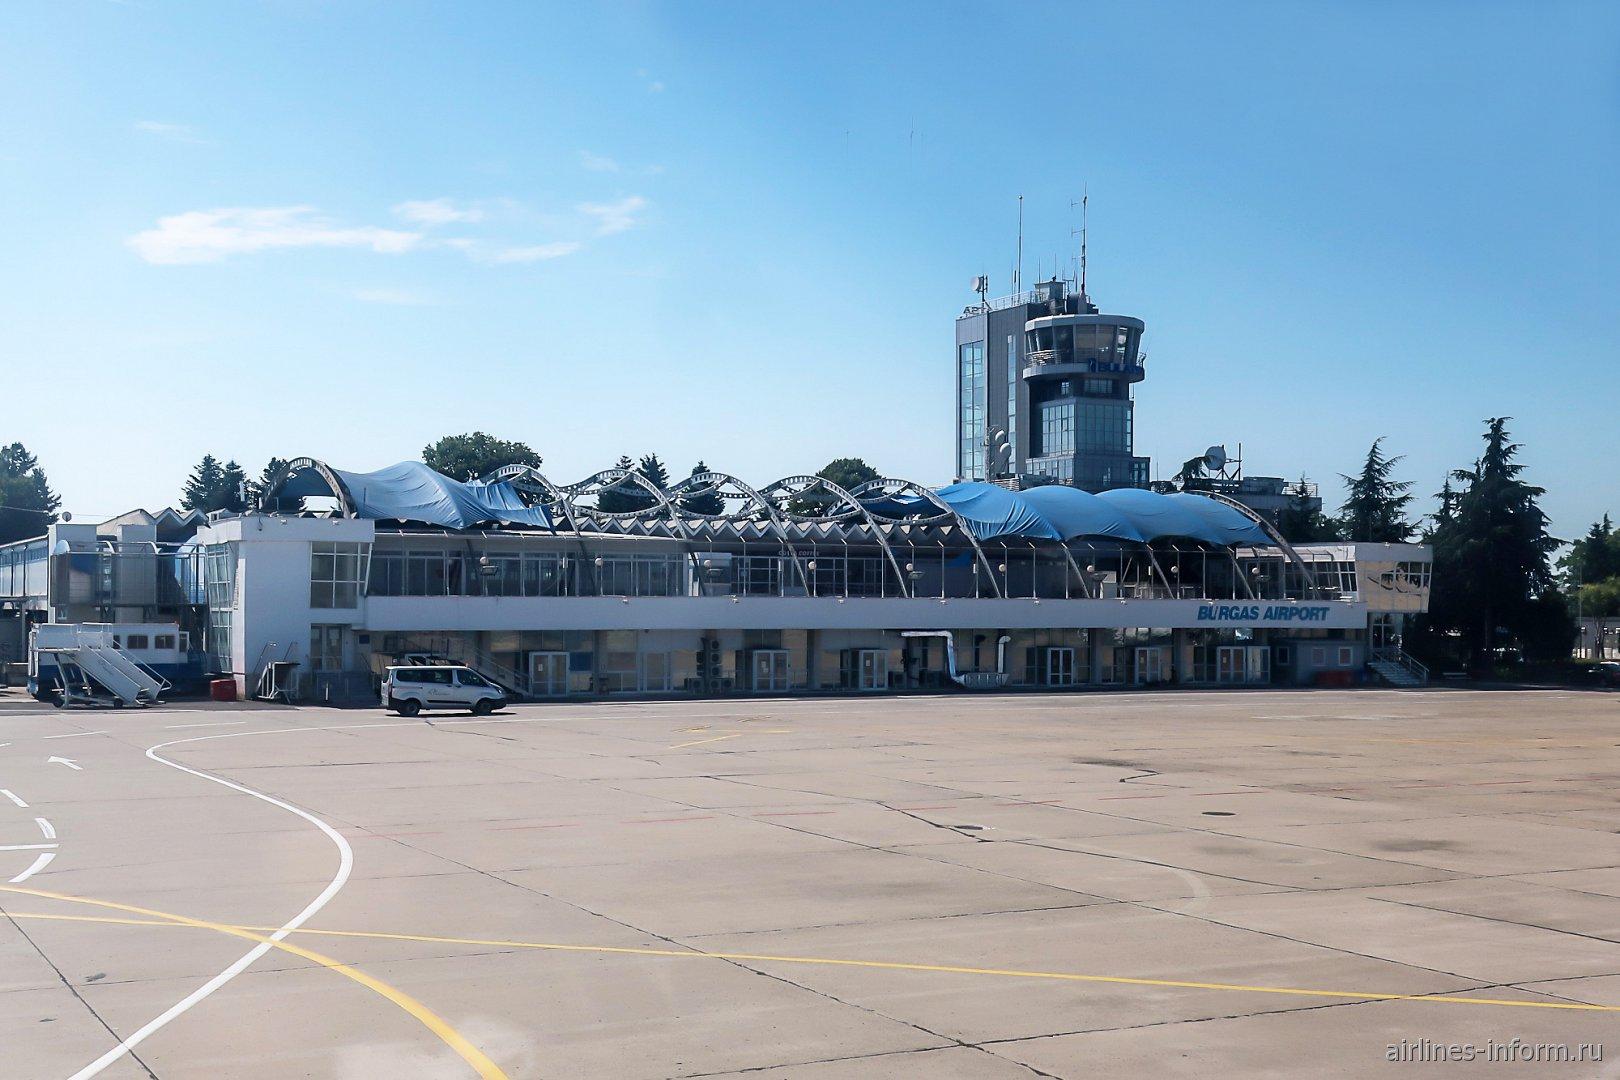 Старый пассажирский терминал и диспетчерская башня аэропорта Бургас